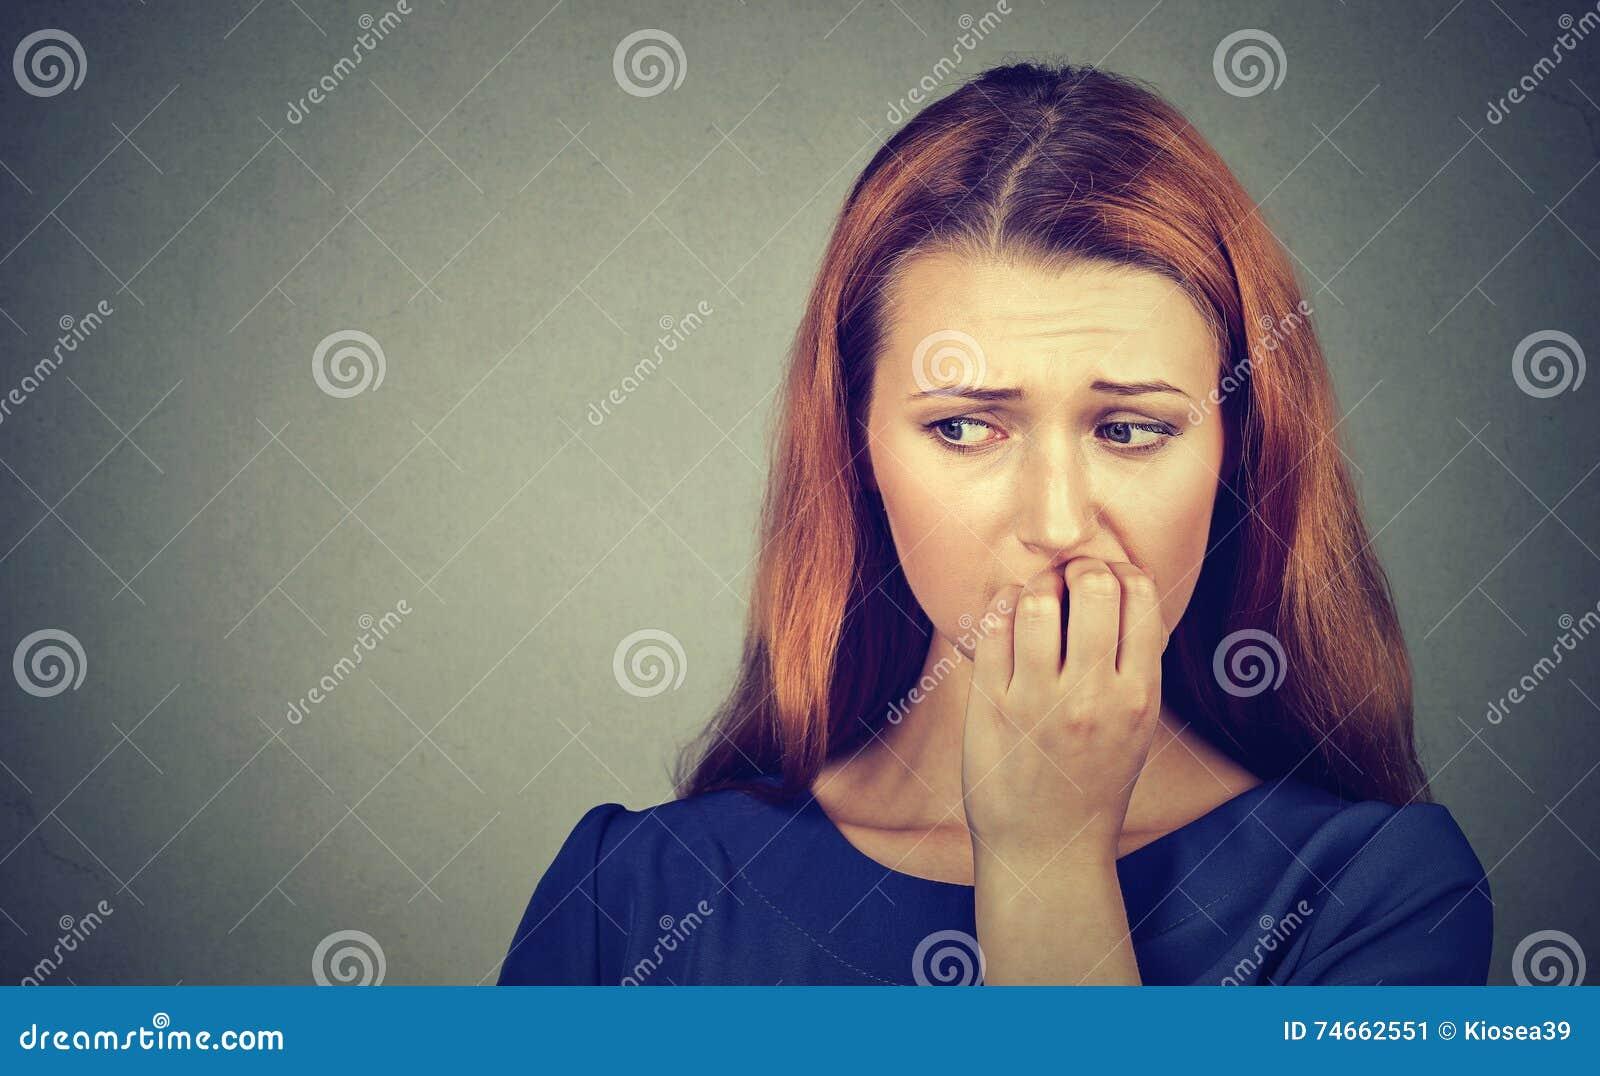 Nervöse Frau, die ihre Fingernägel sich sehnen etwas beißen oder besorgt